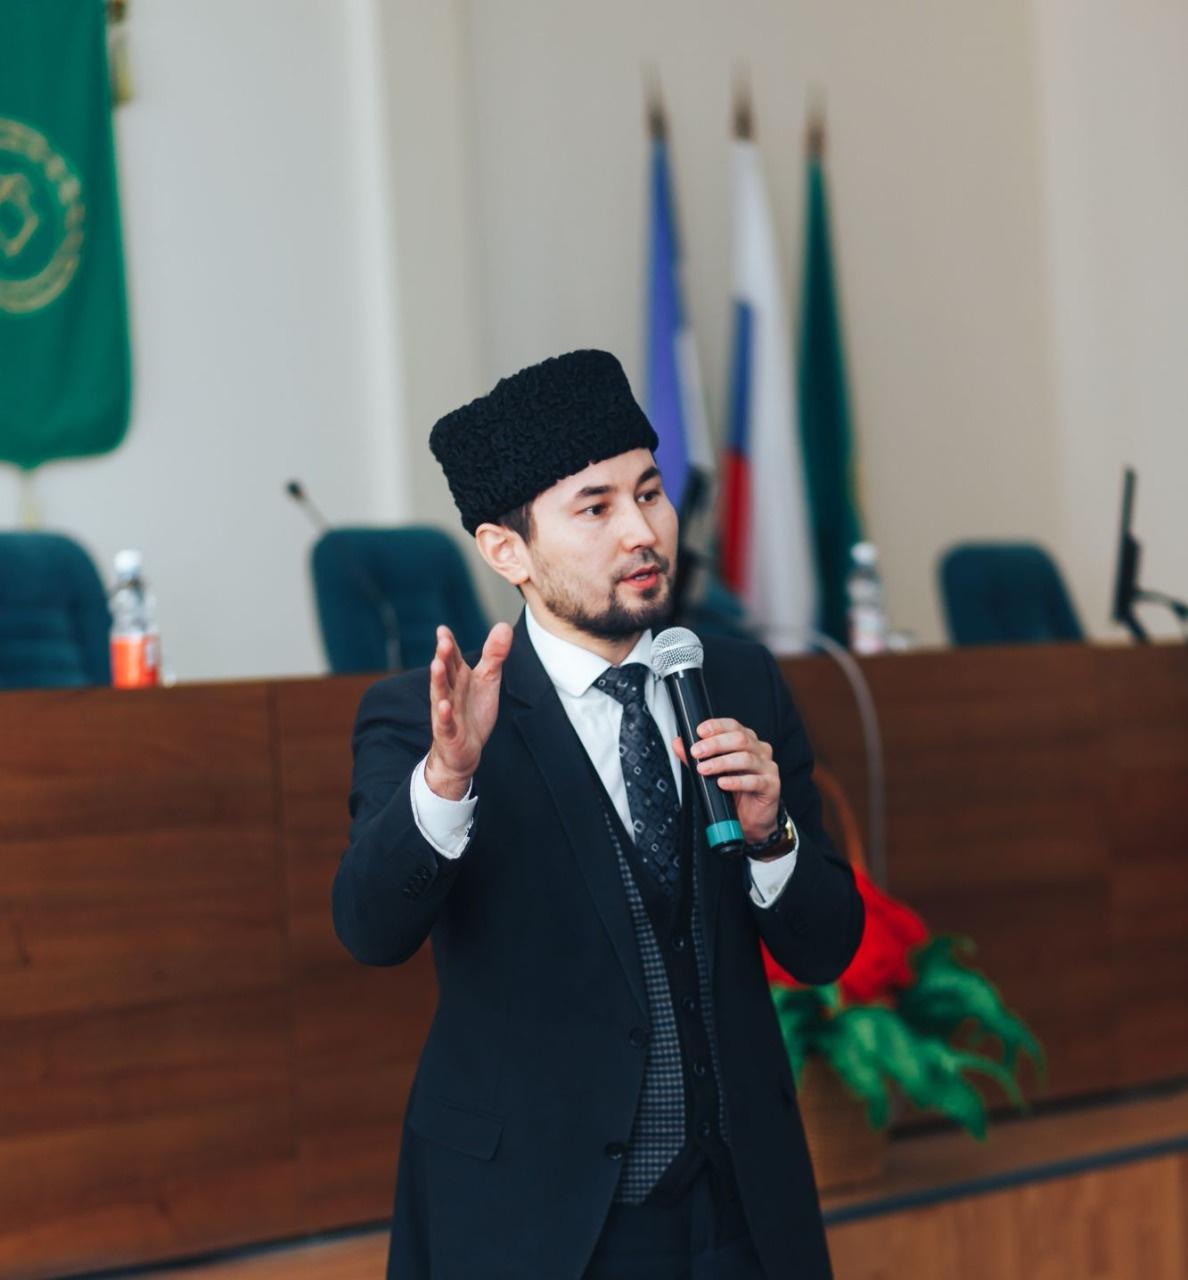 Photo of Духовное координирование мусульман РБ организует филантропические концерты для сирот и престарелых.